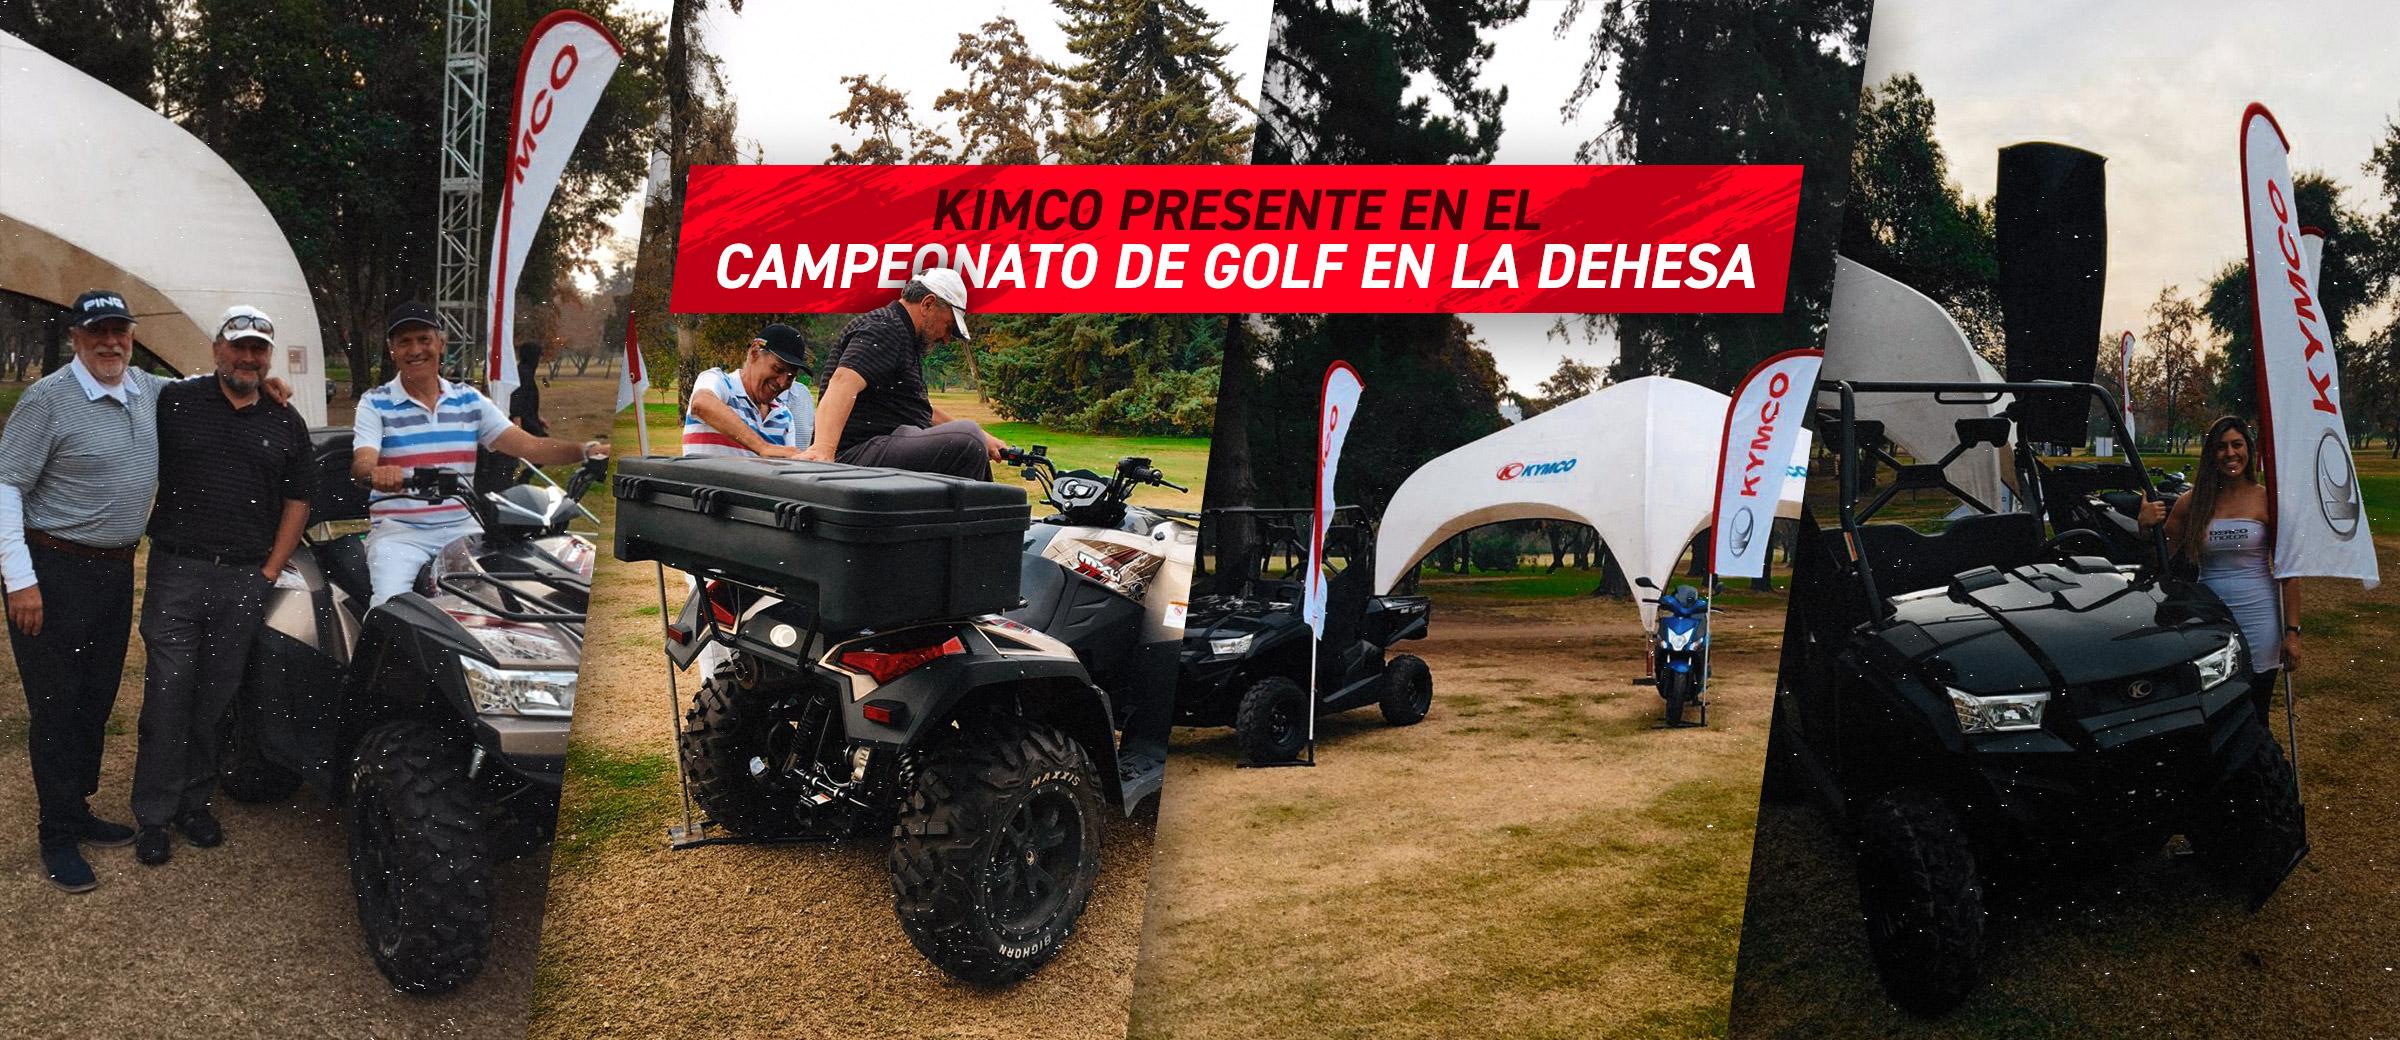 Campeonato de Golf La Dehesa